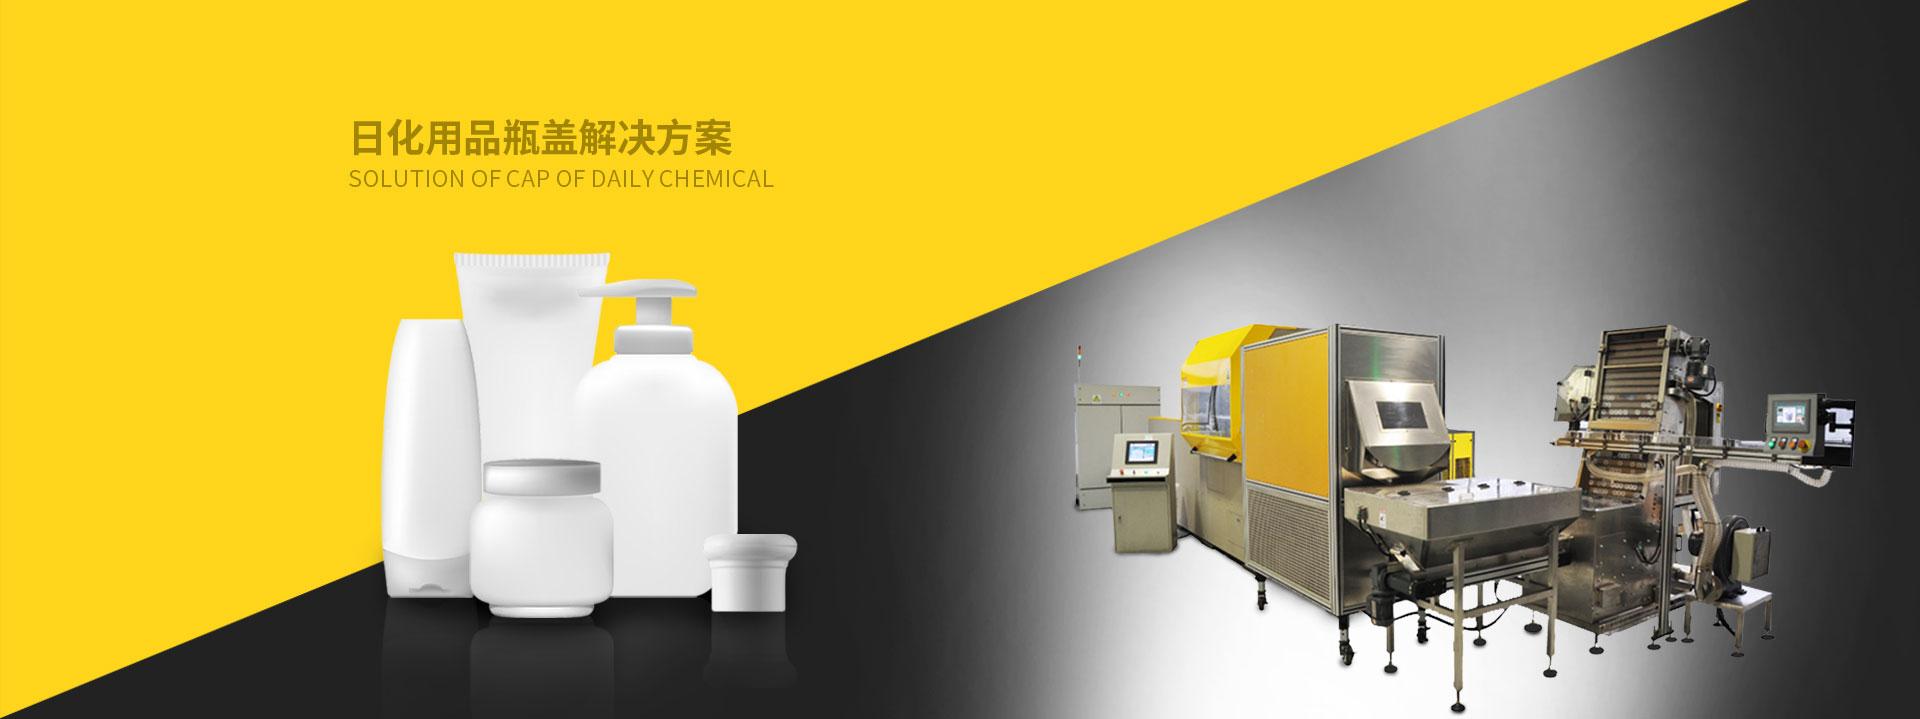 日化用品瓶盖解决方案